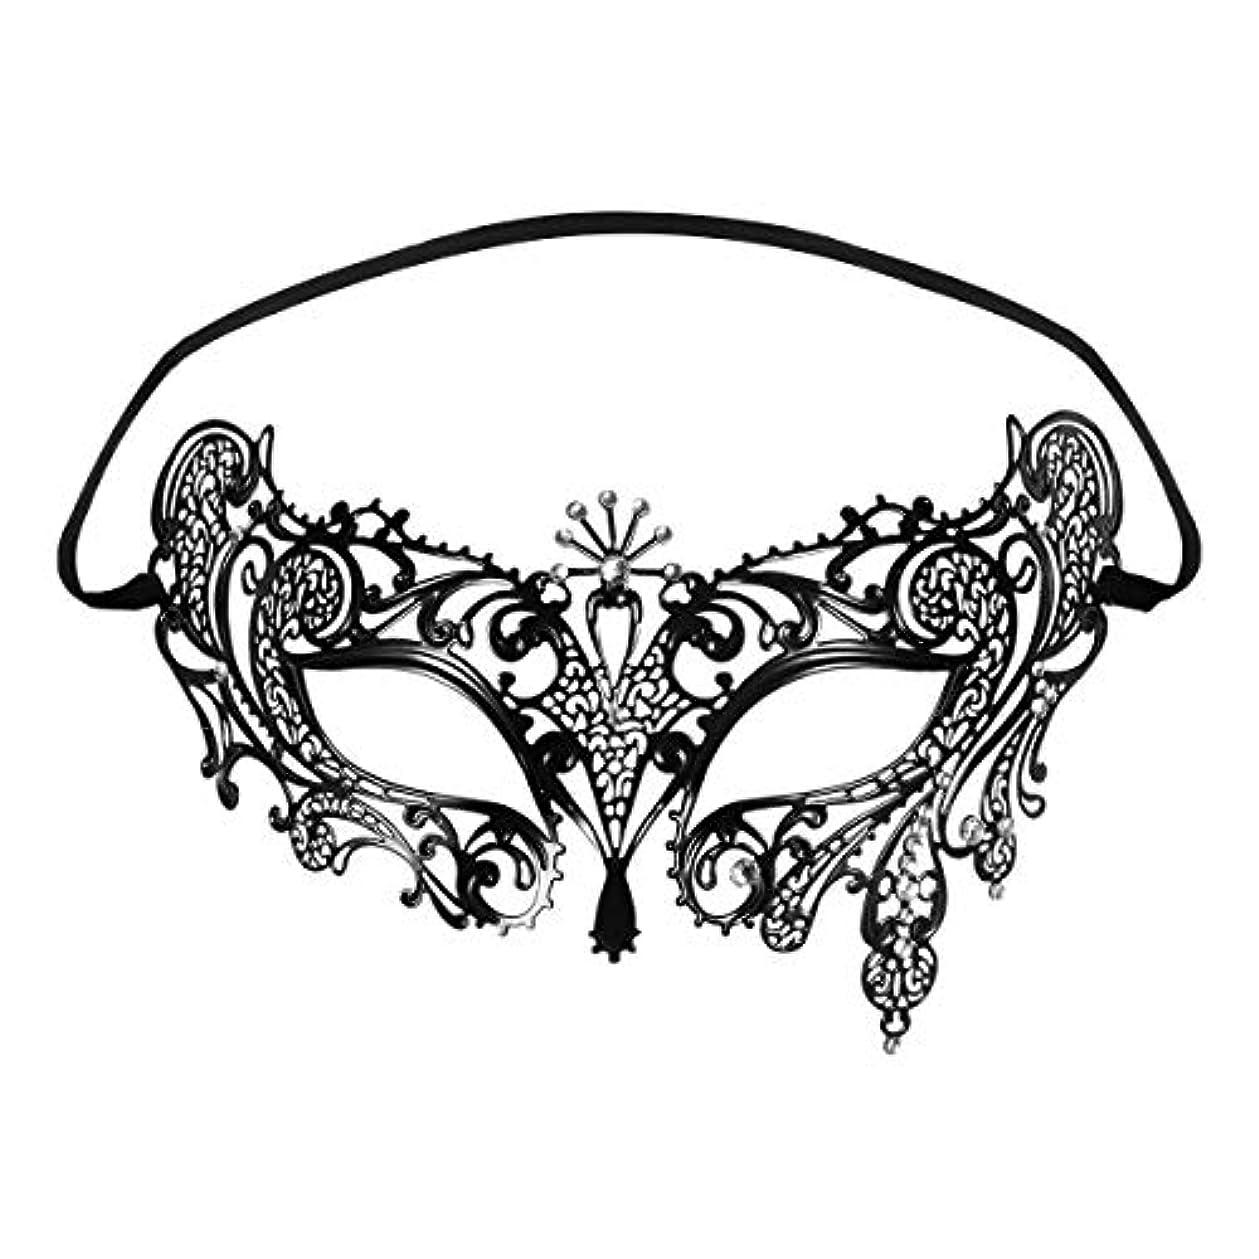 大佐バタフライのFoxnovo Foxnovoファッション高級ベネチアンスタイルディアマンテメタルフィリグリー仮装用マスク結婚式/パーティー用(ブラック)